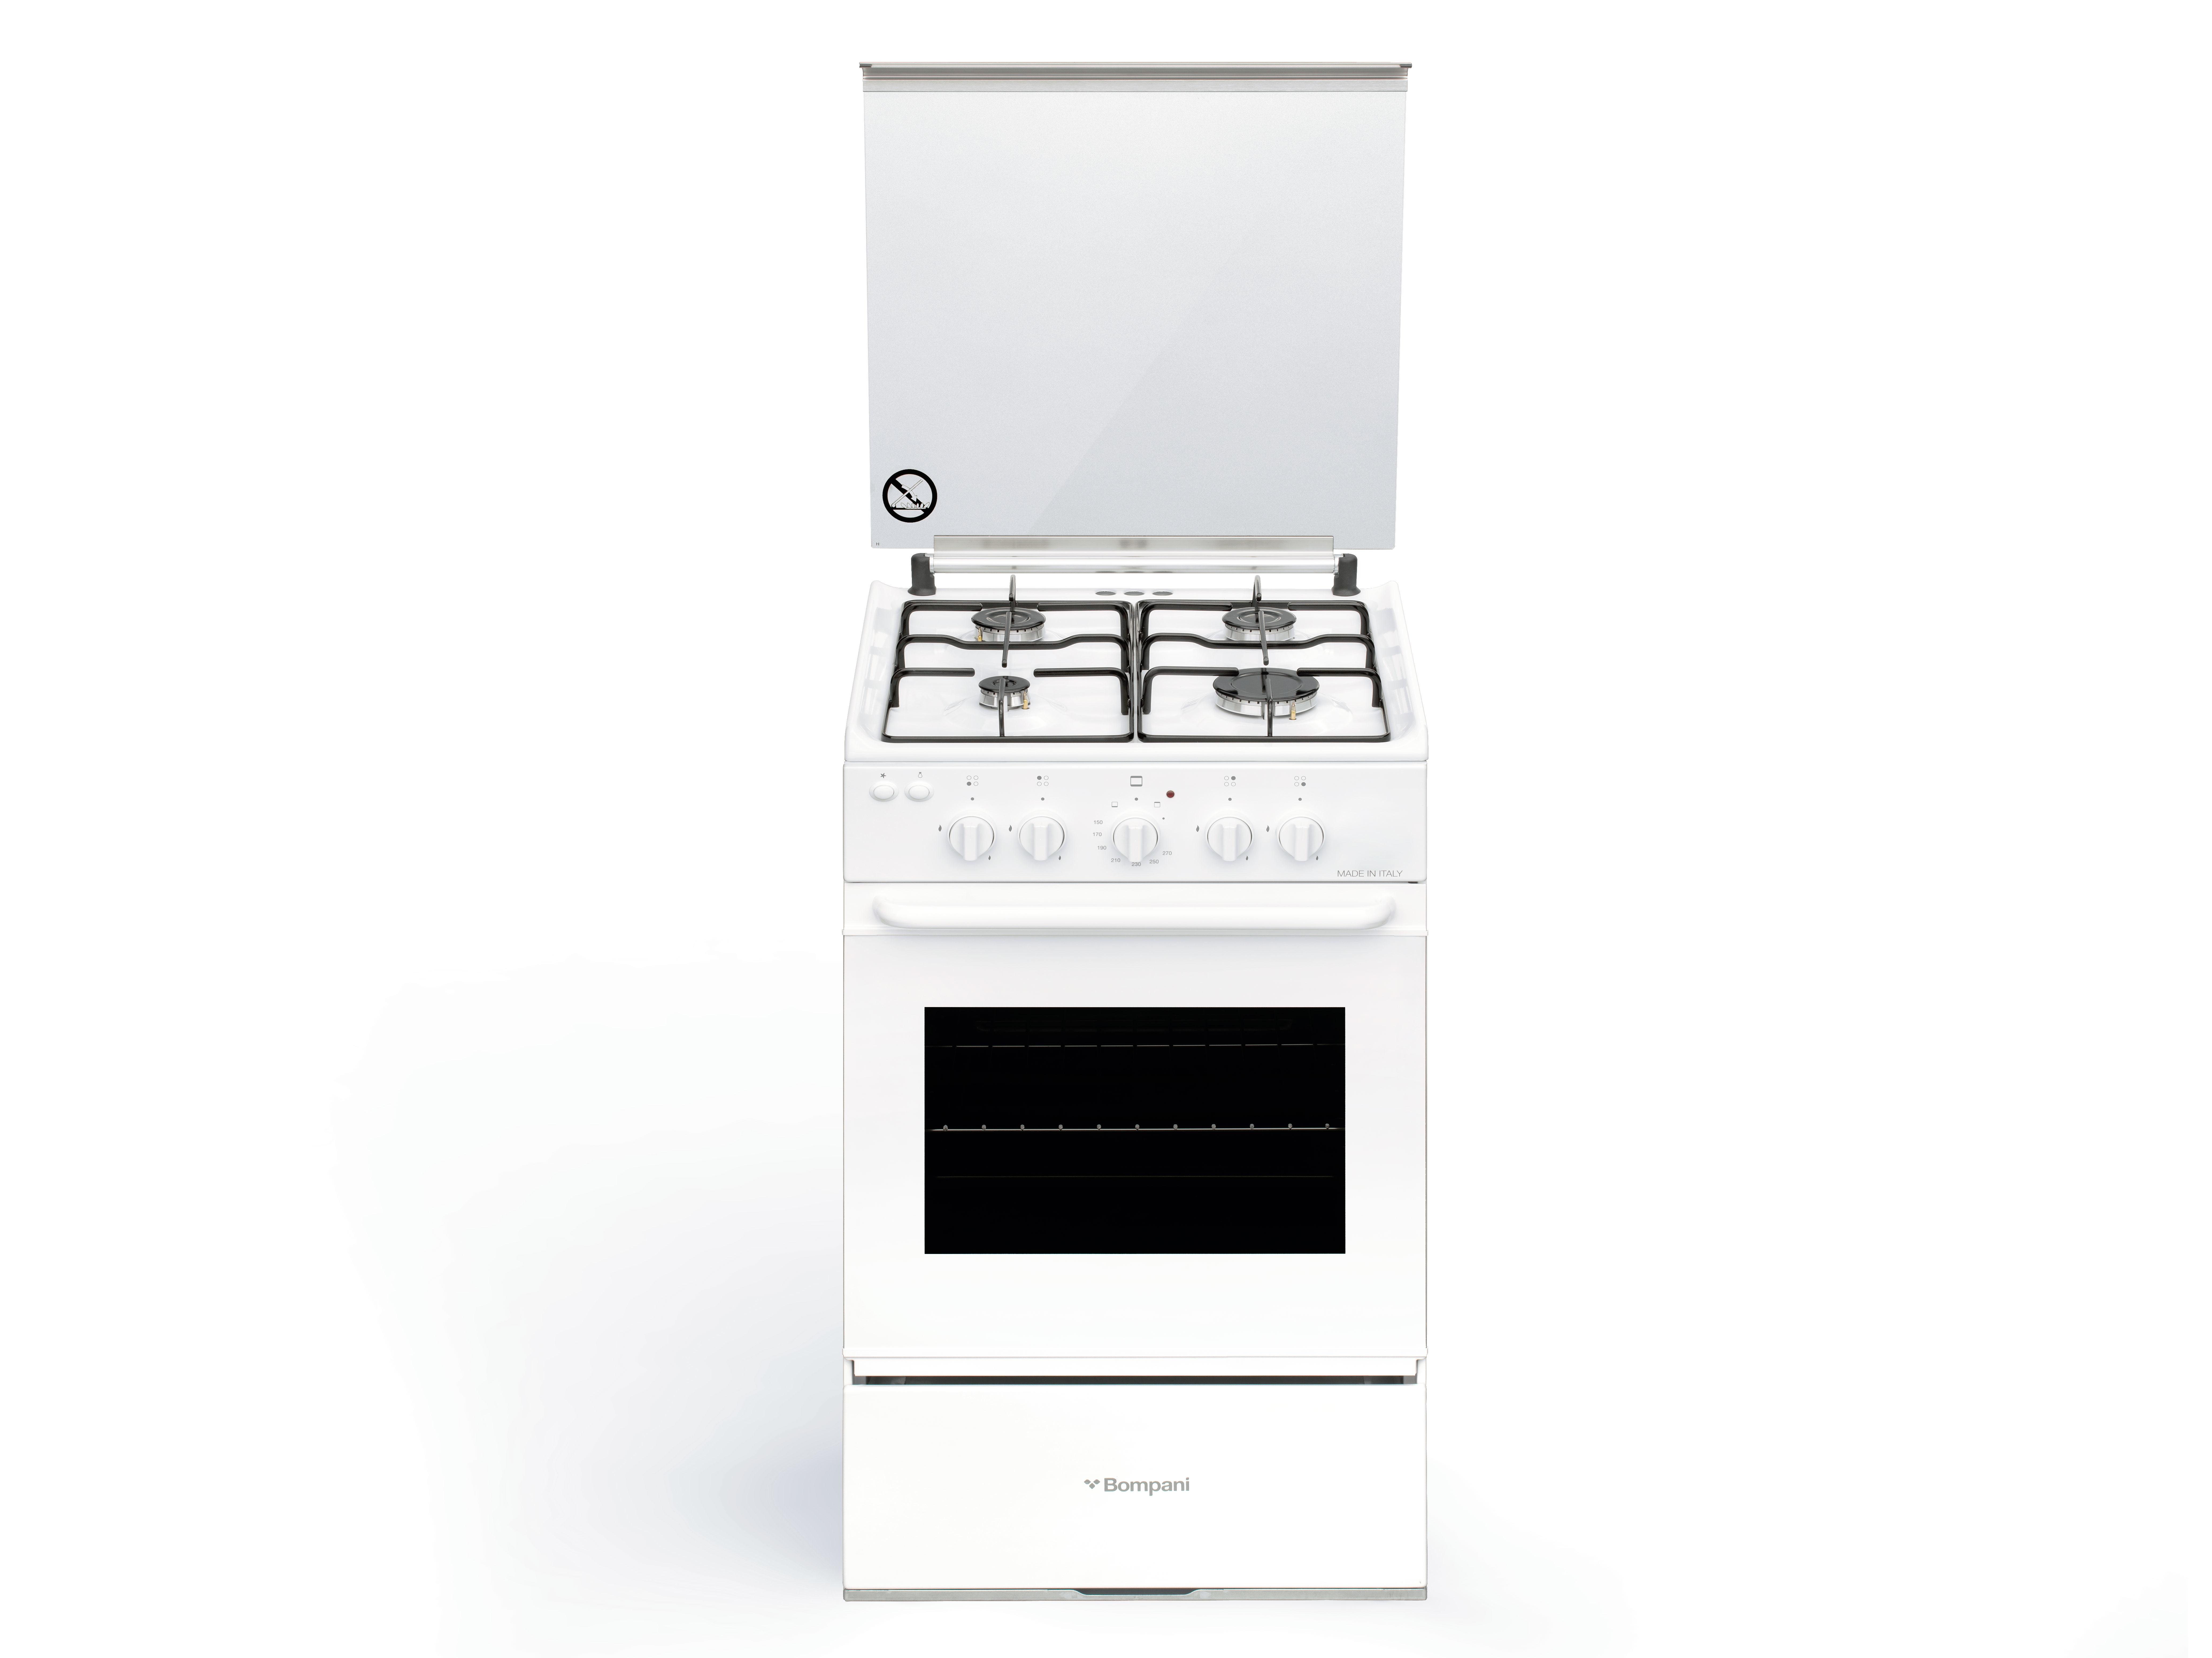 Bi510ecn Bompani Bi510ec N Cucina Piano Cottura Gas Bianco A Cucine A Gas Cottura Negozi Elettronica Roma Radionovelli